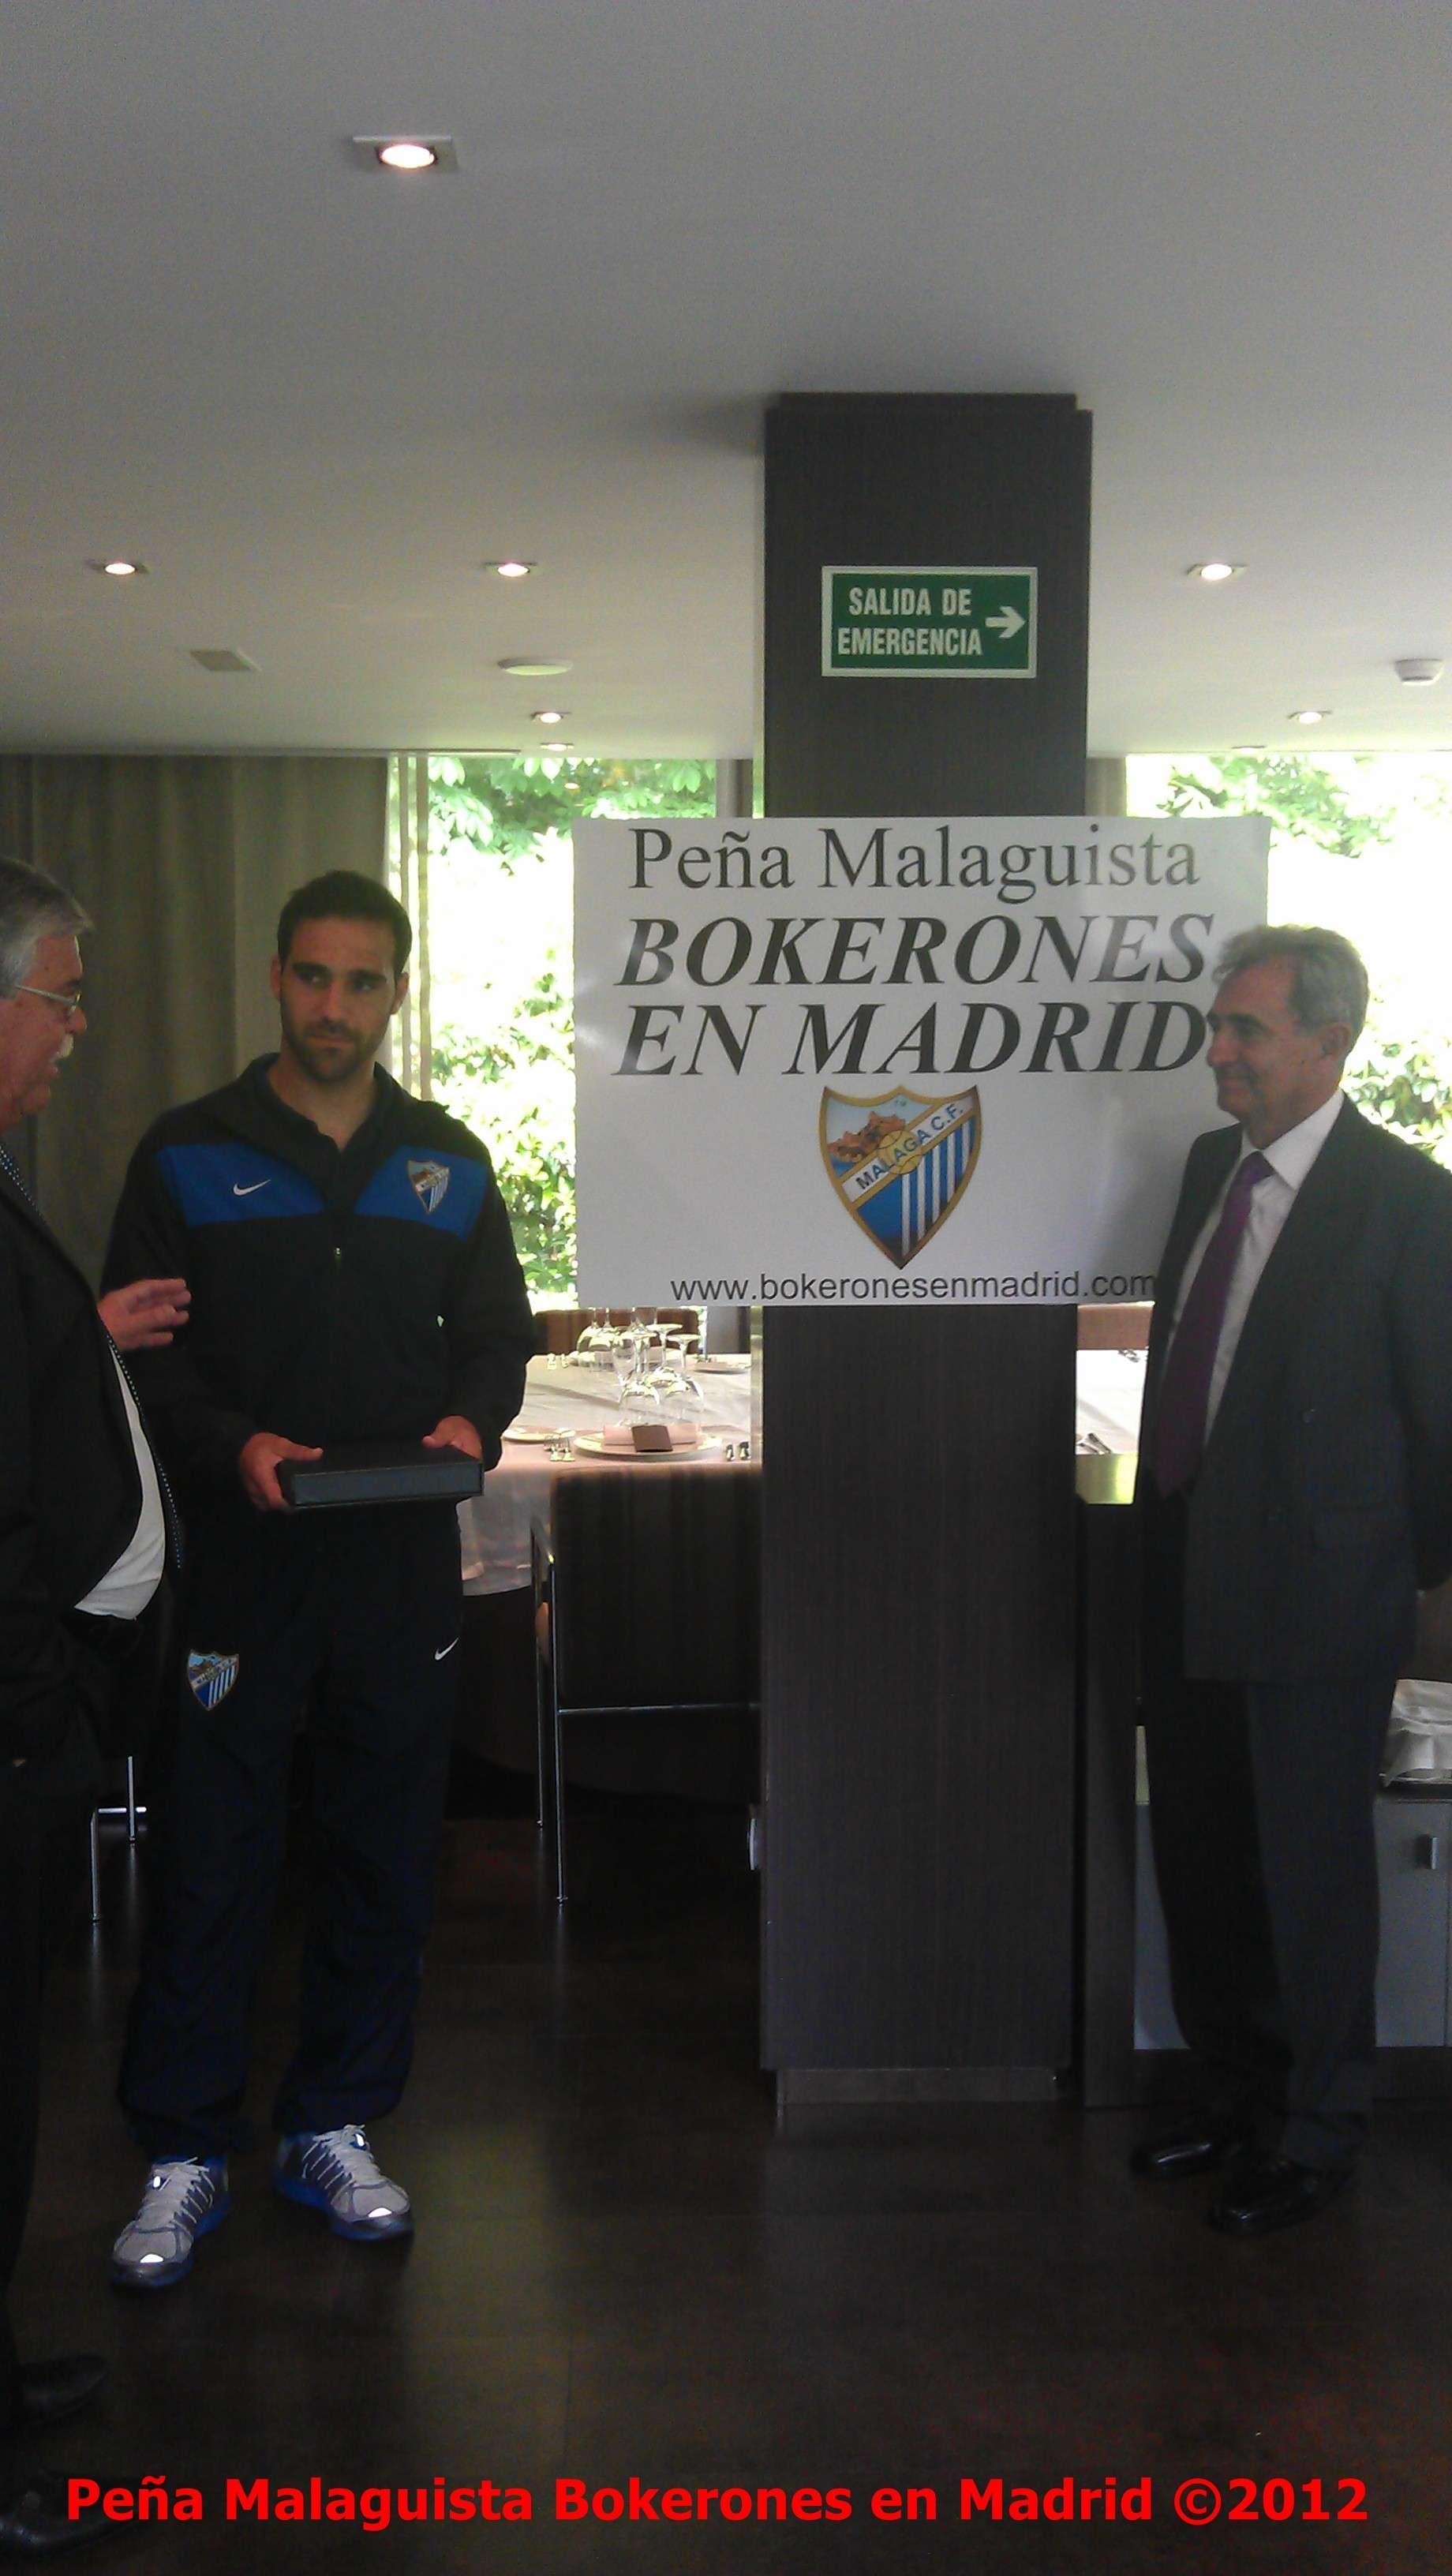 La Peña Malaguista Bokerones en Madrid entregará placa a Jesús Gamez Actobe16